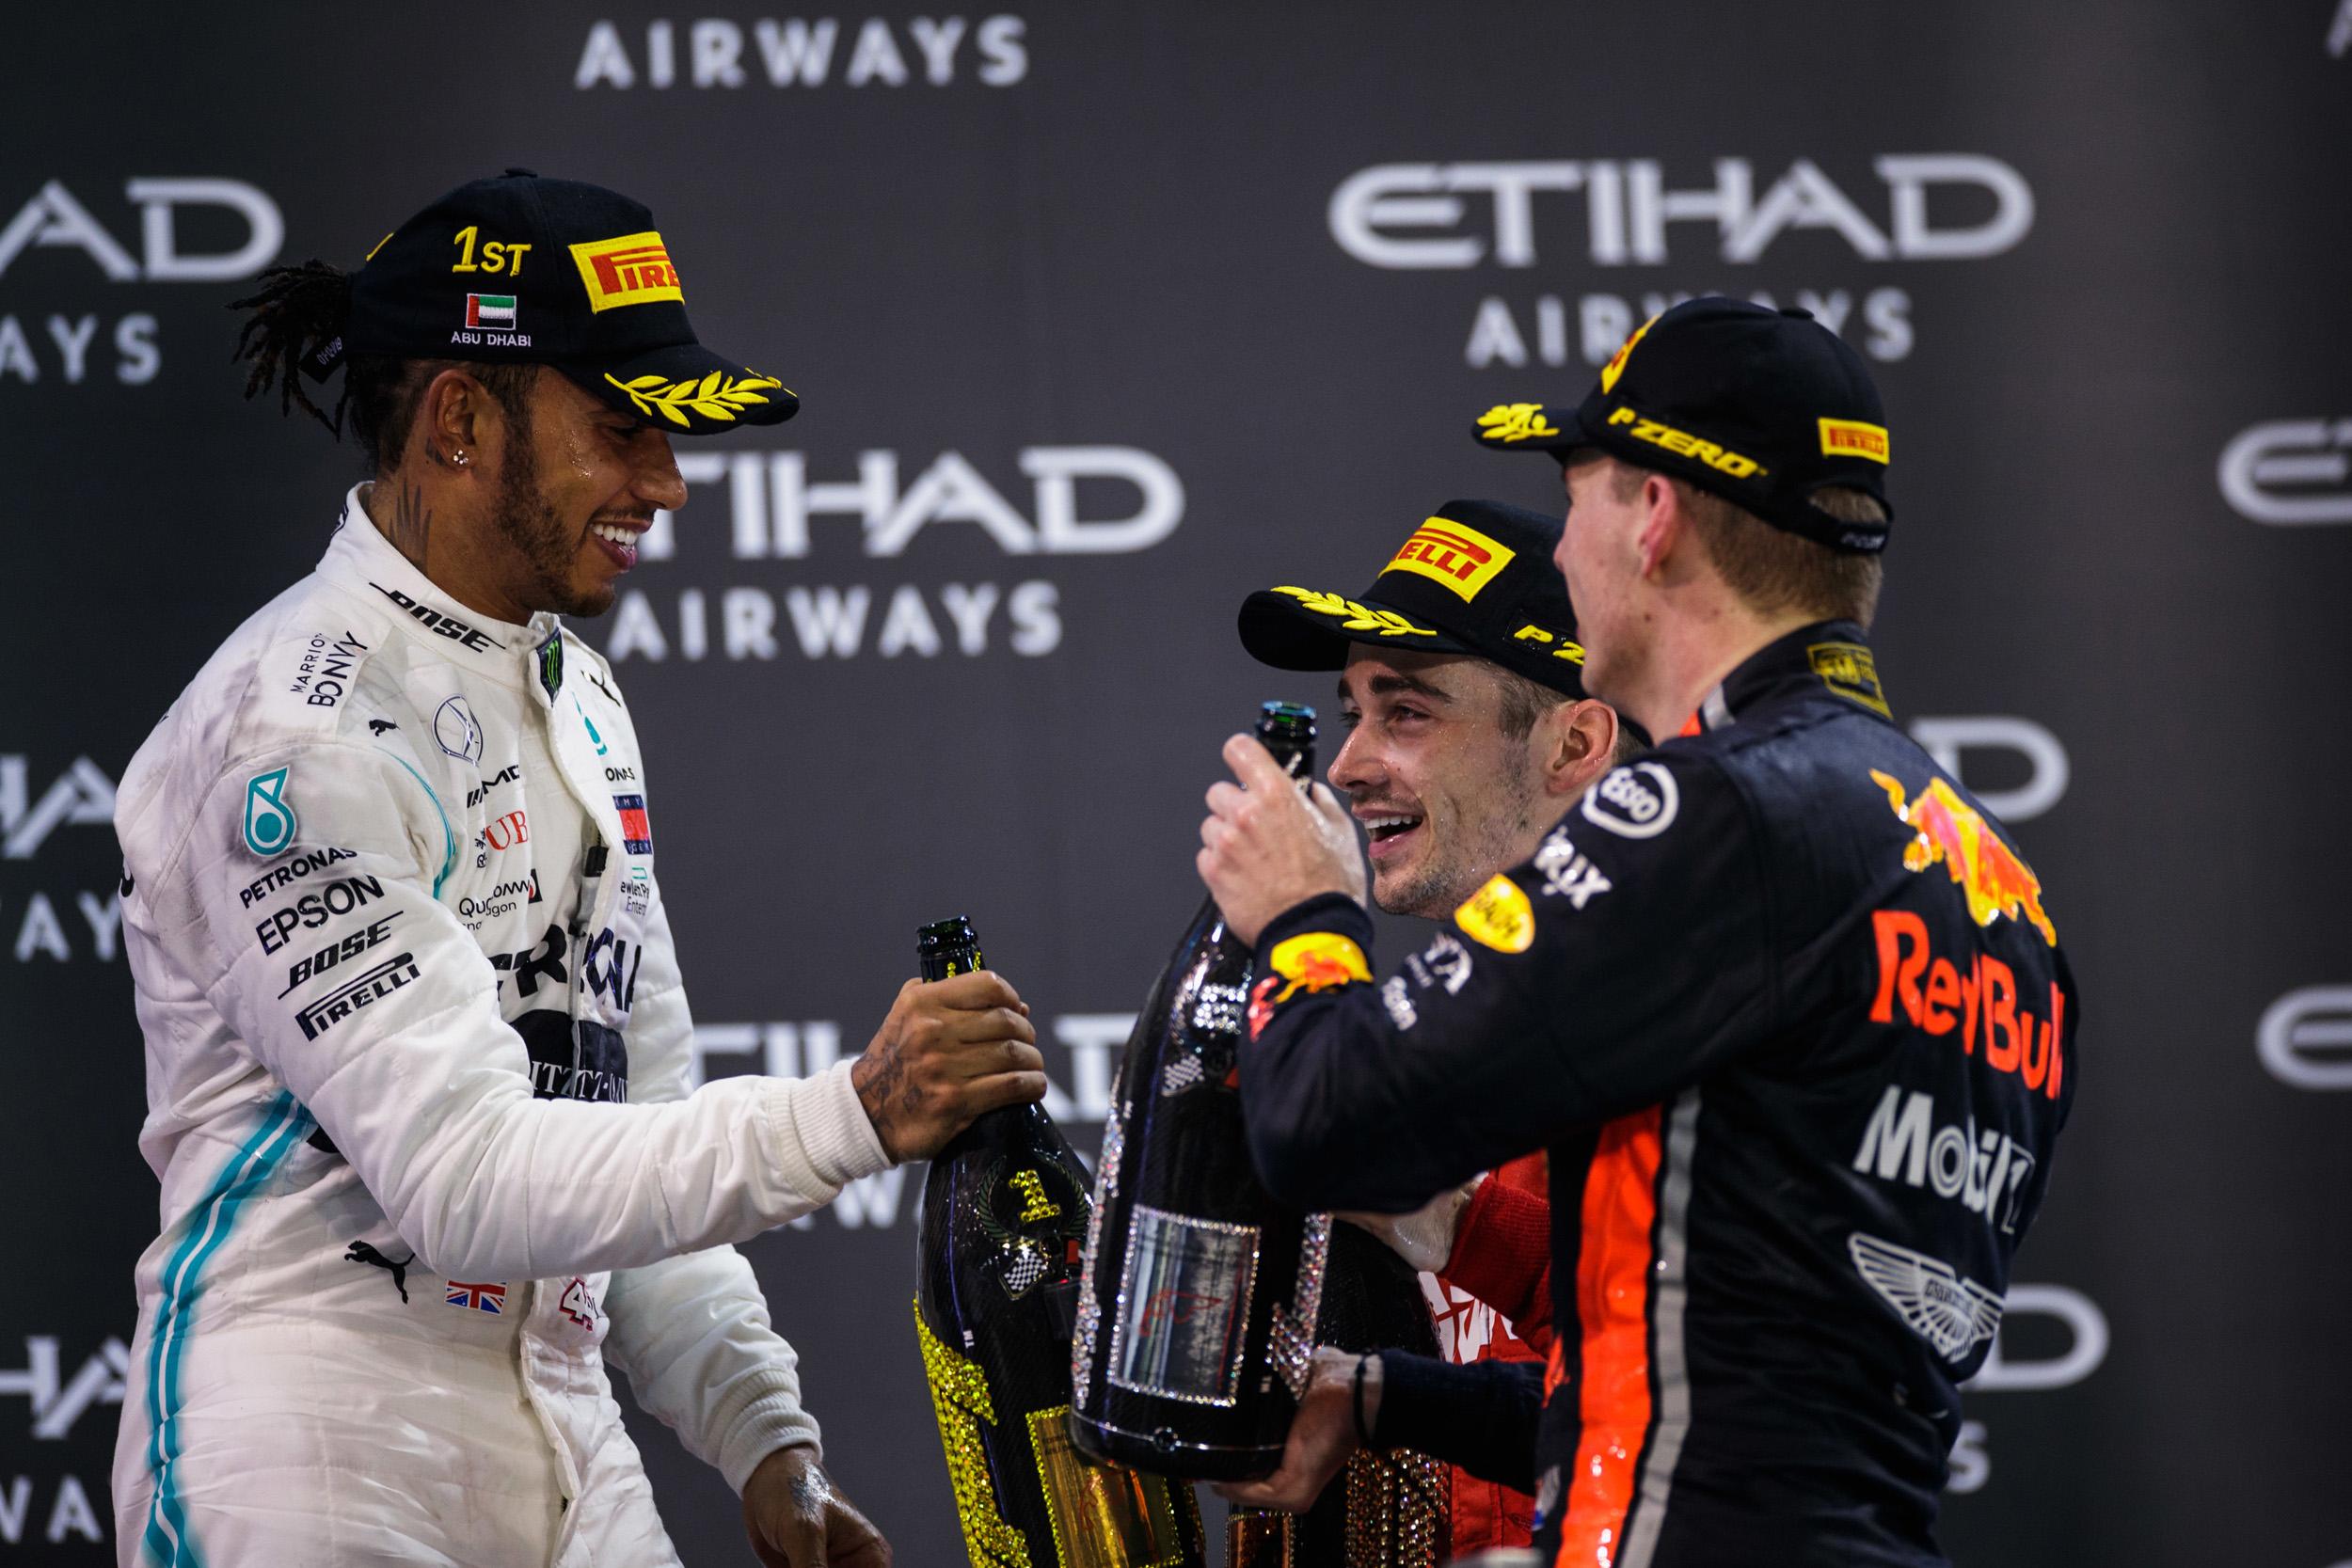 Με στρατηγική μιας αλλαγής κέρδισε στο τελευταίο GRAND PRIX ο Lewis Hamilton